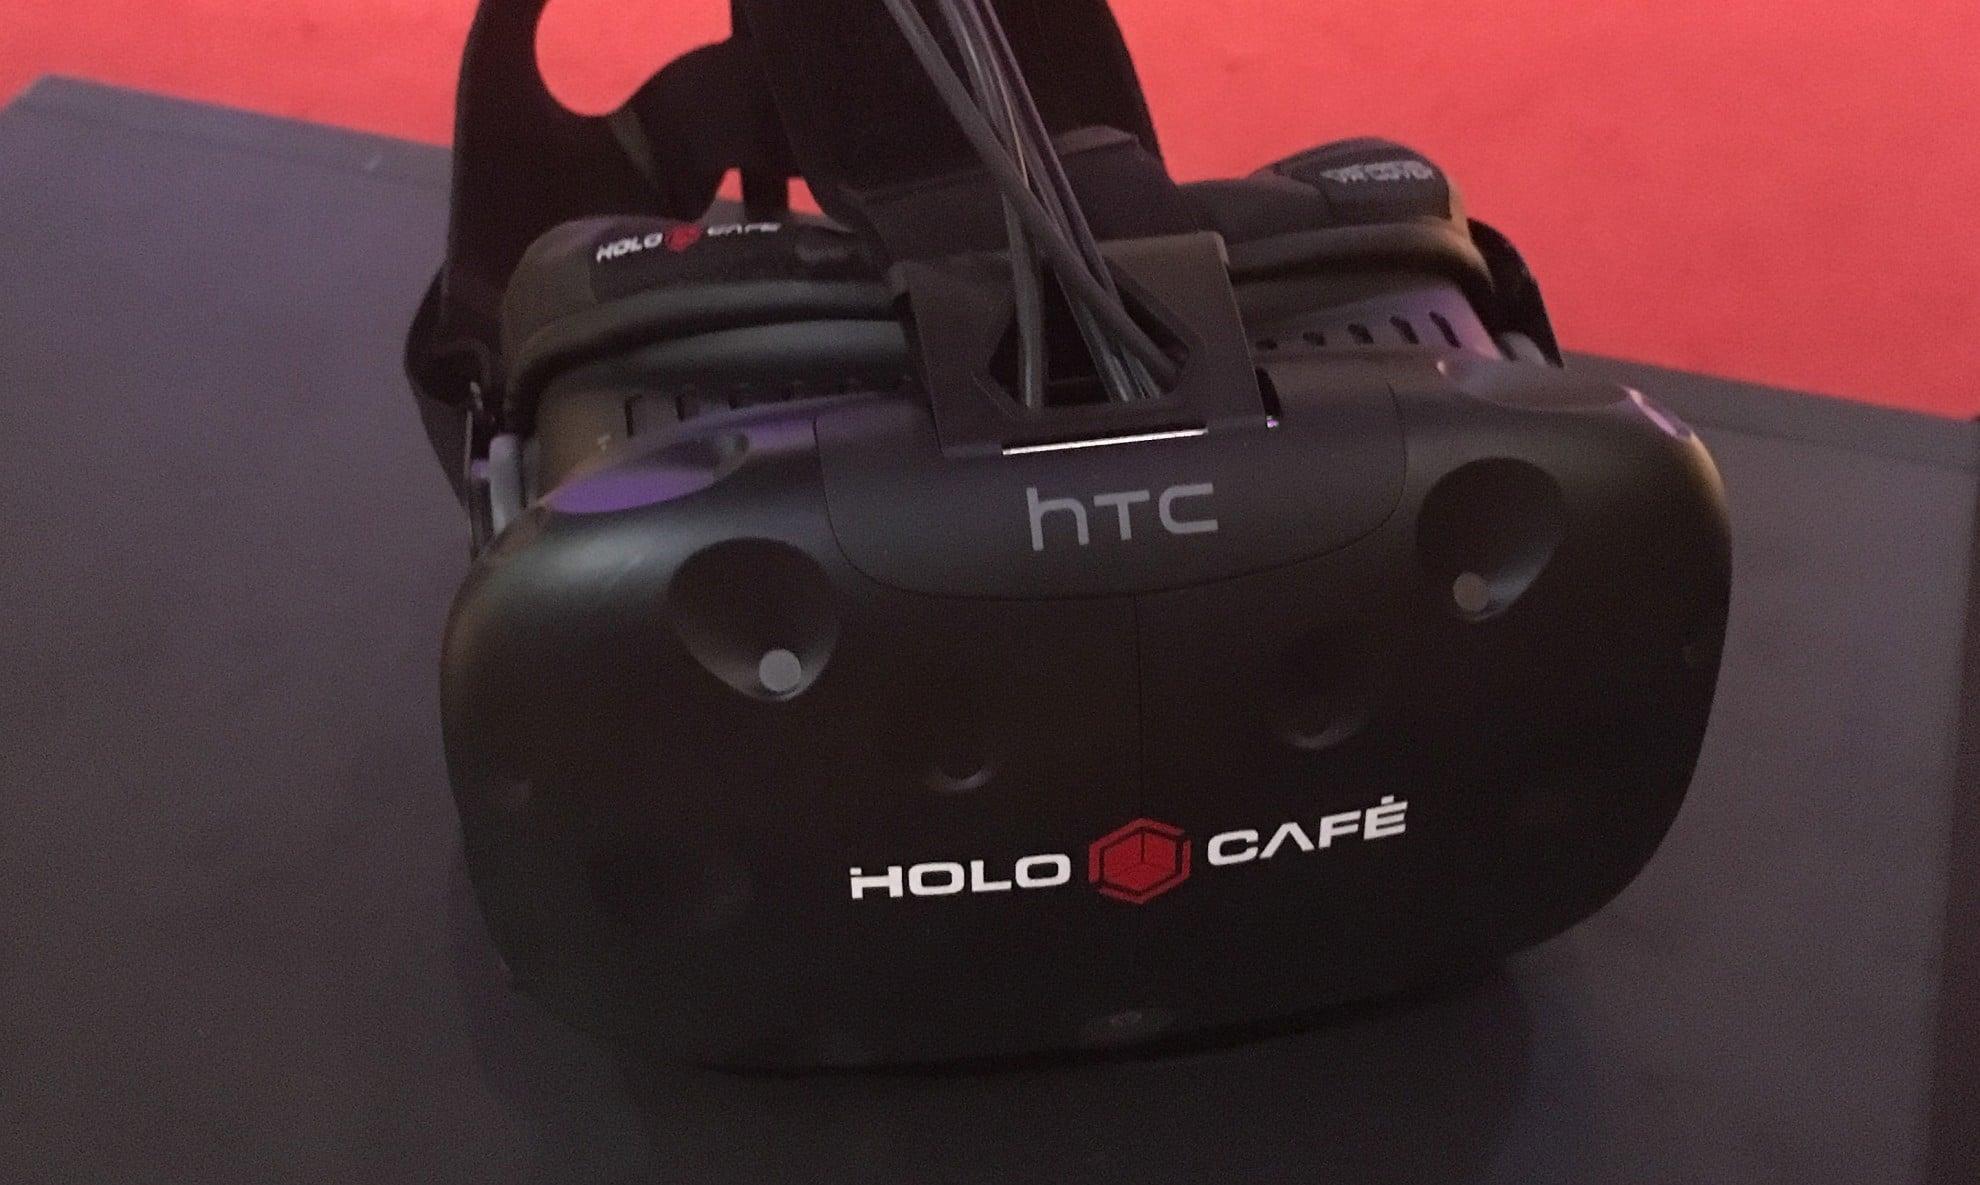 holocafe-head